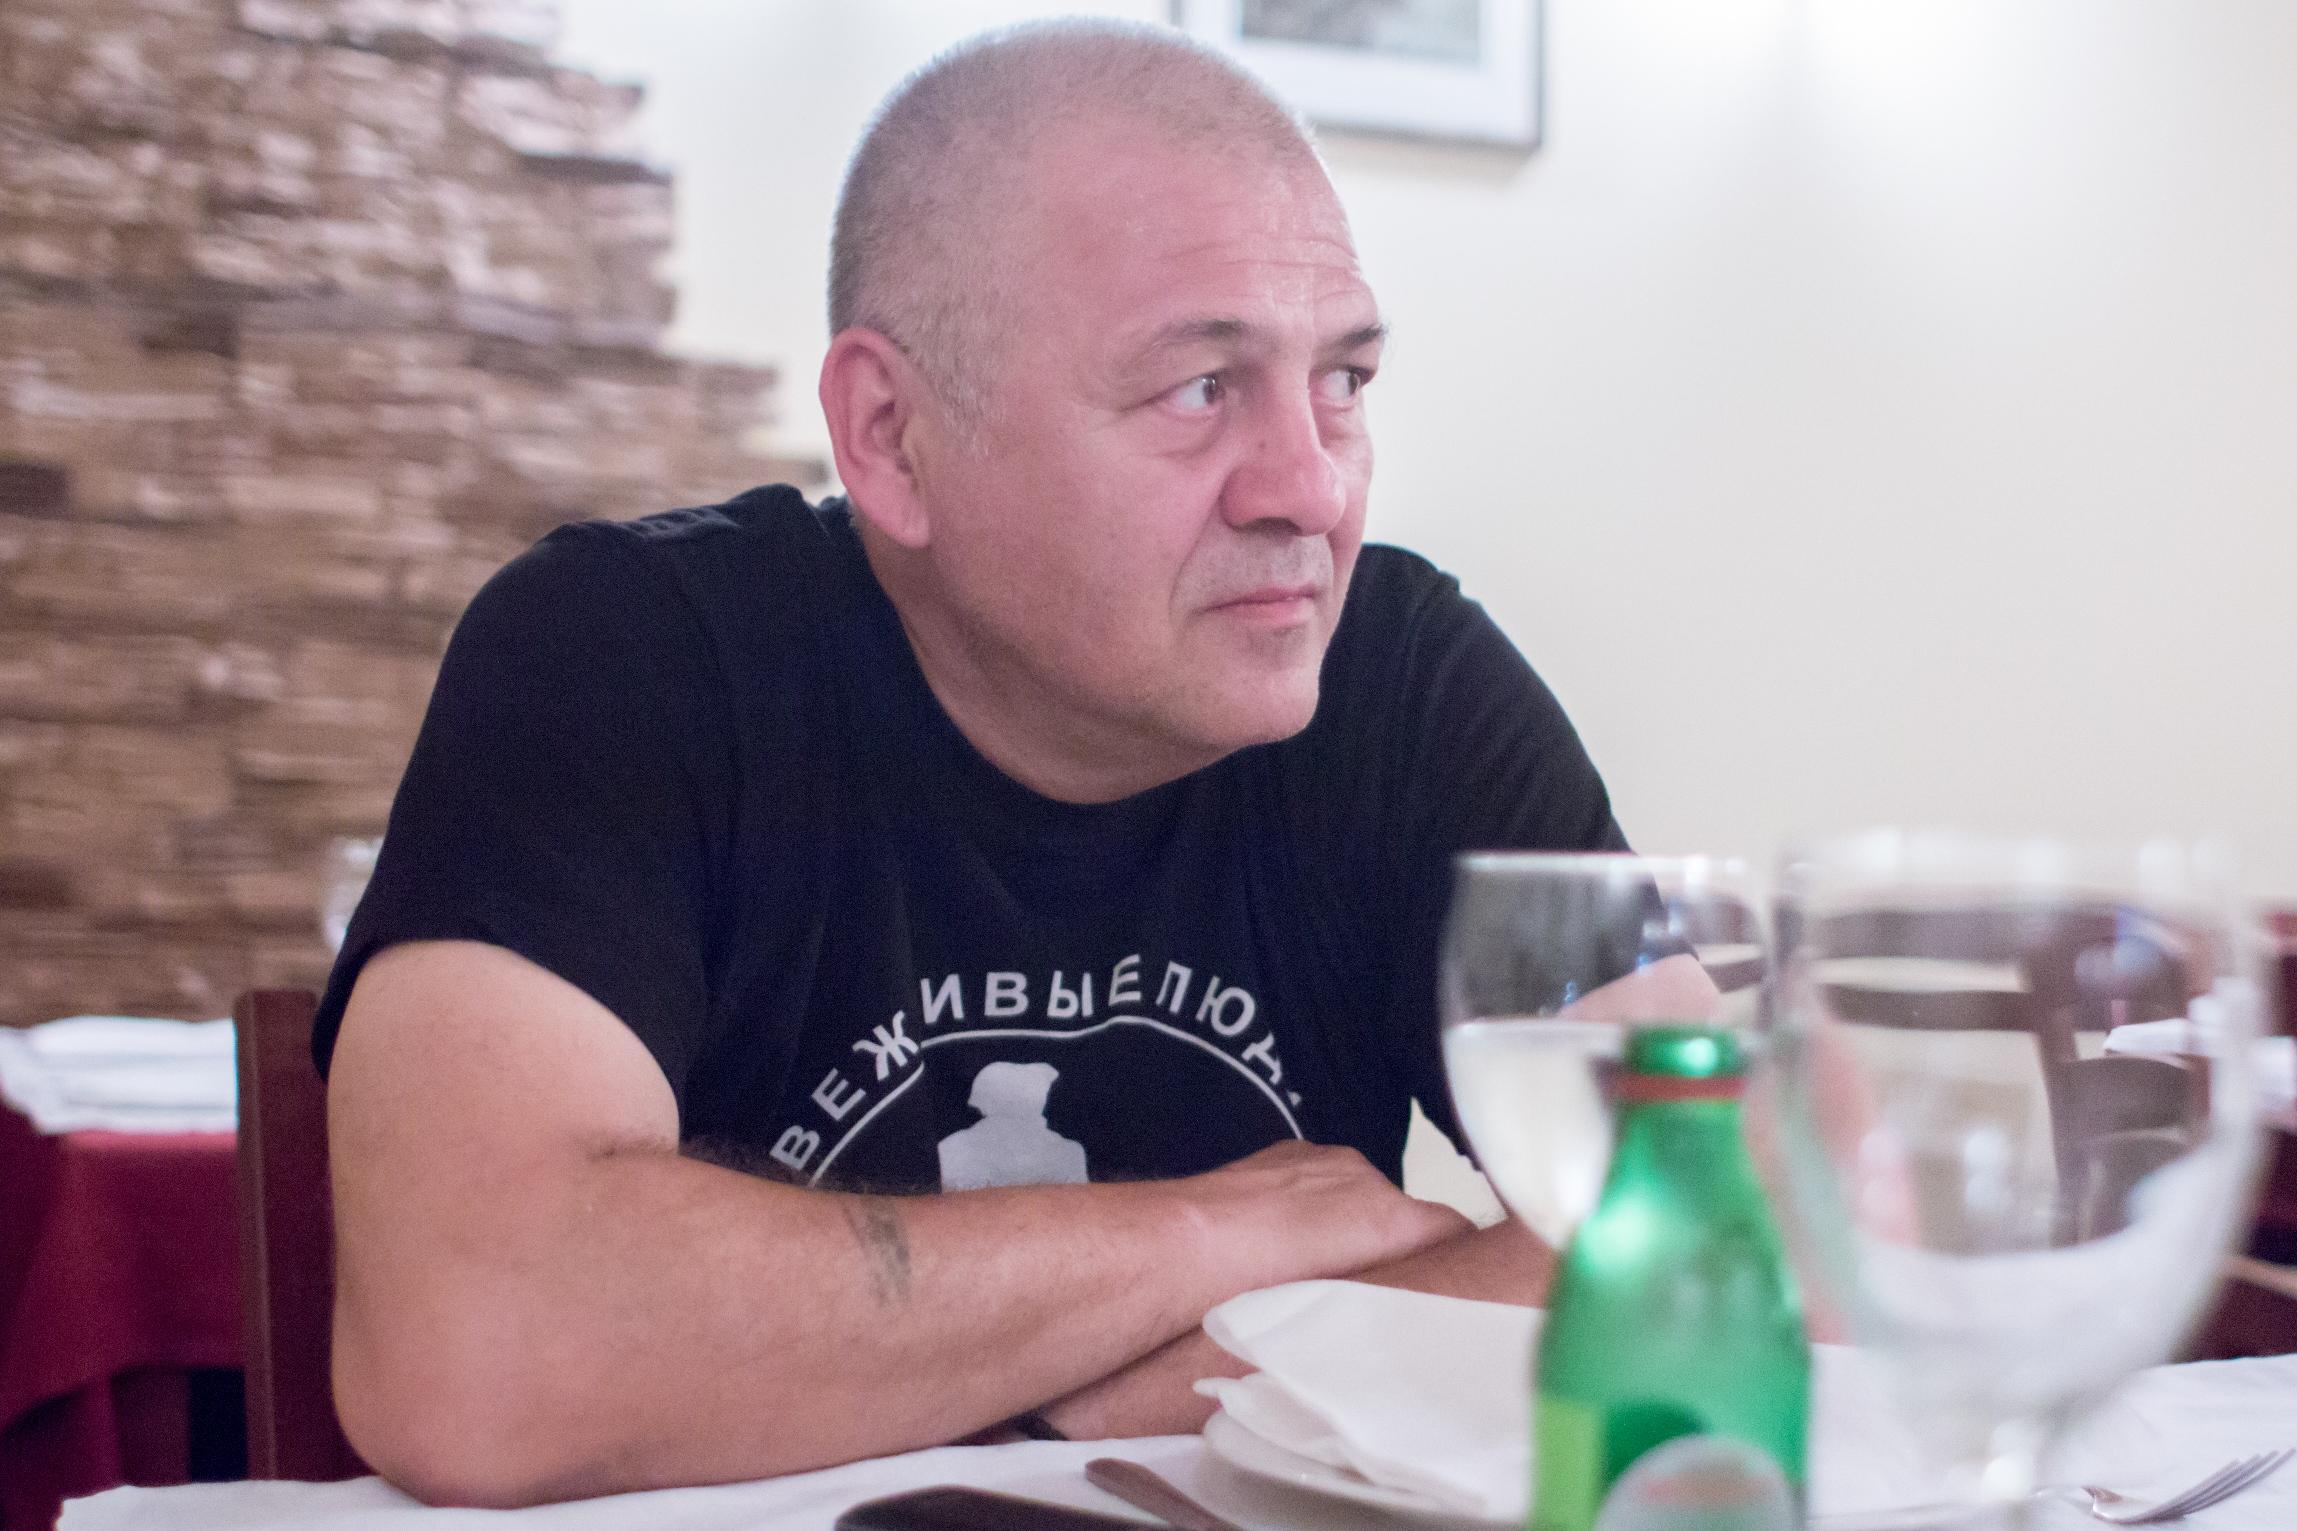 """Радомир Крајиновић: """"Погодио сам посао који ми одговара"""". Илустрација: Јекатерина Туришева"""